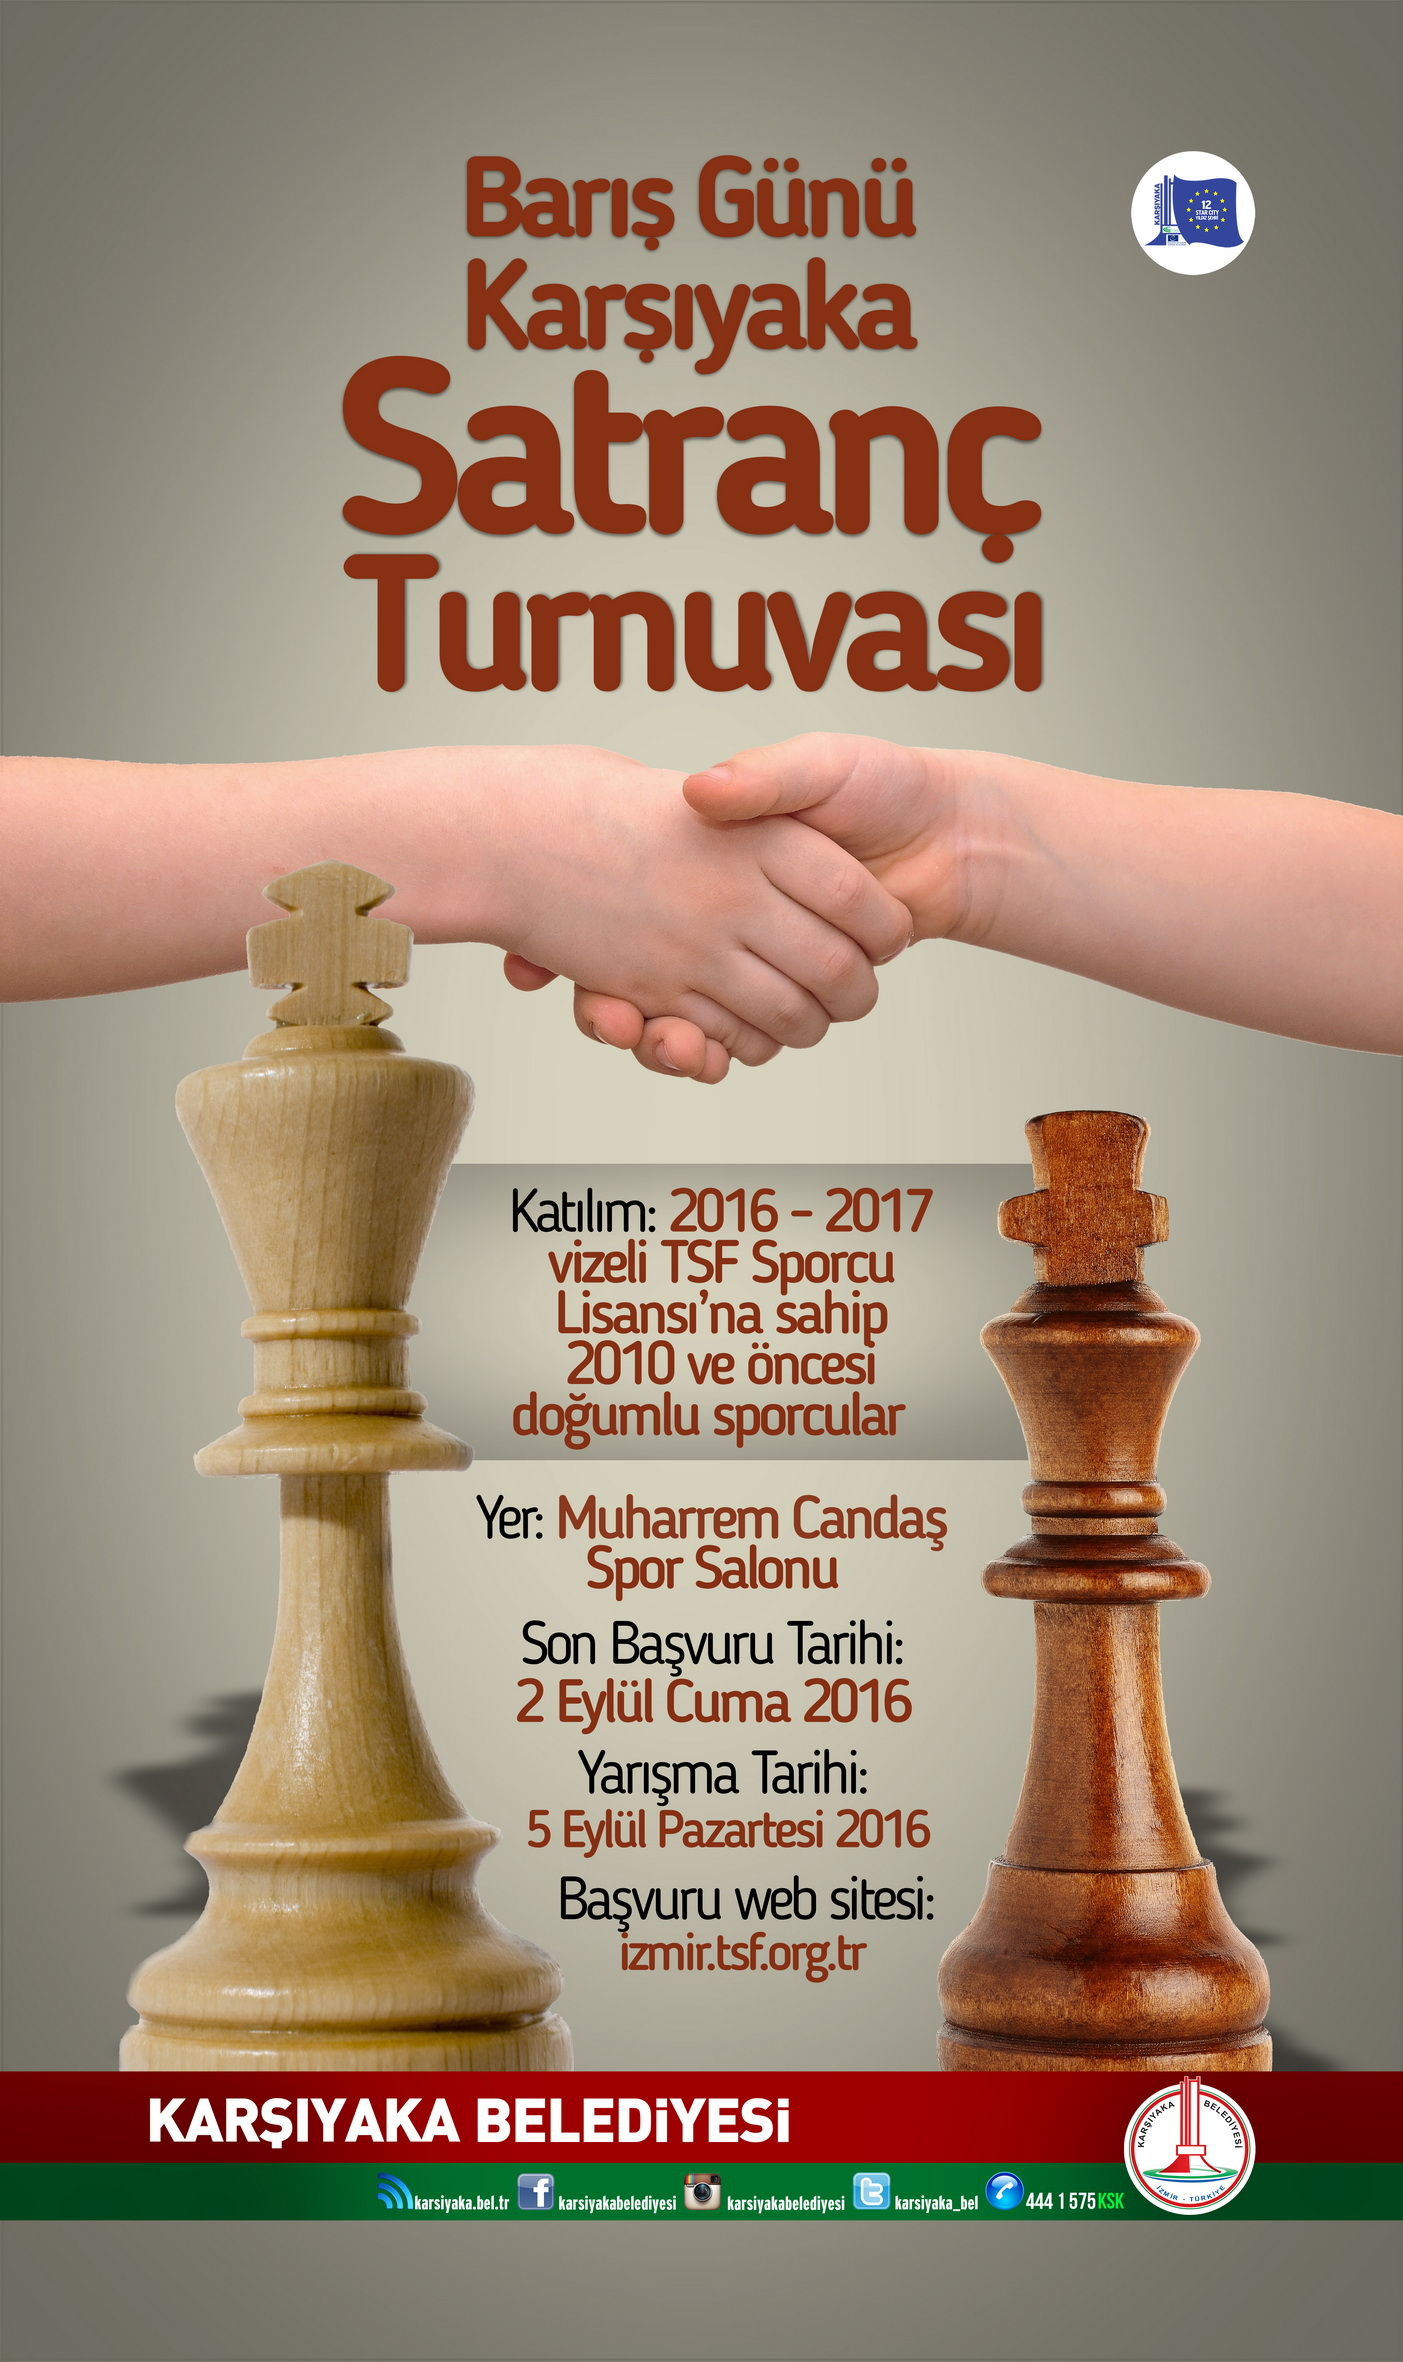 Barış Günü Karşıyaka Satranç Turnuvasındaydık